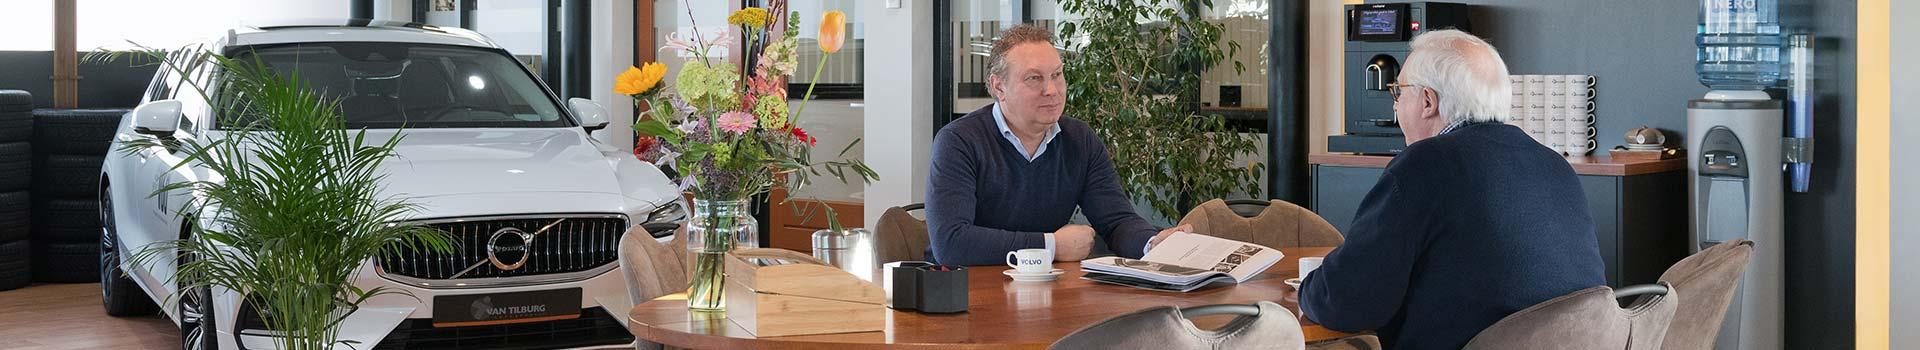 Services Autobedrijf van Tilburg